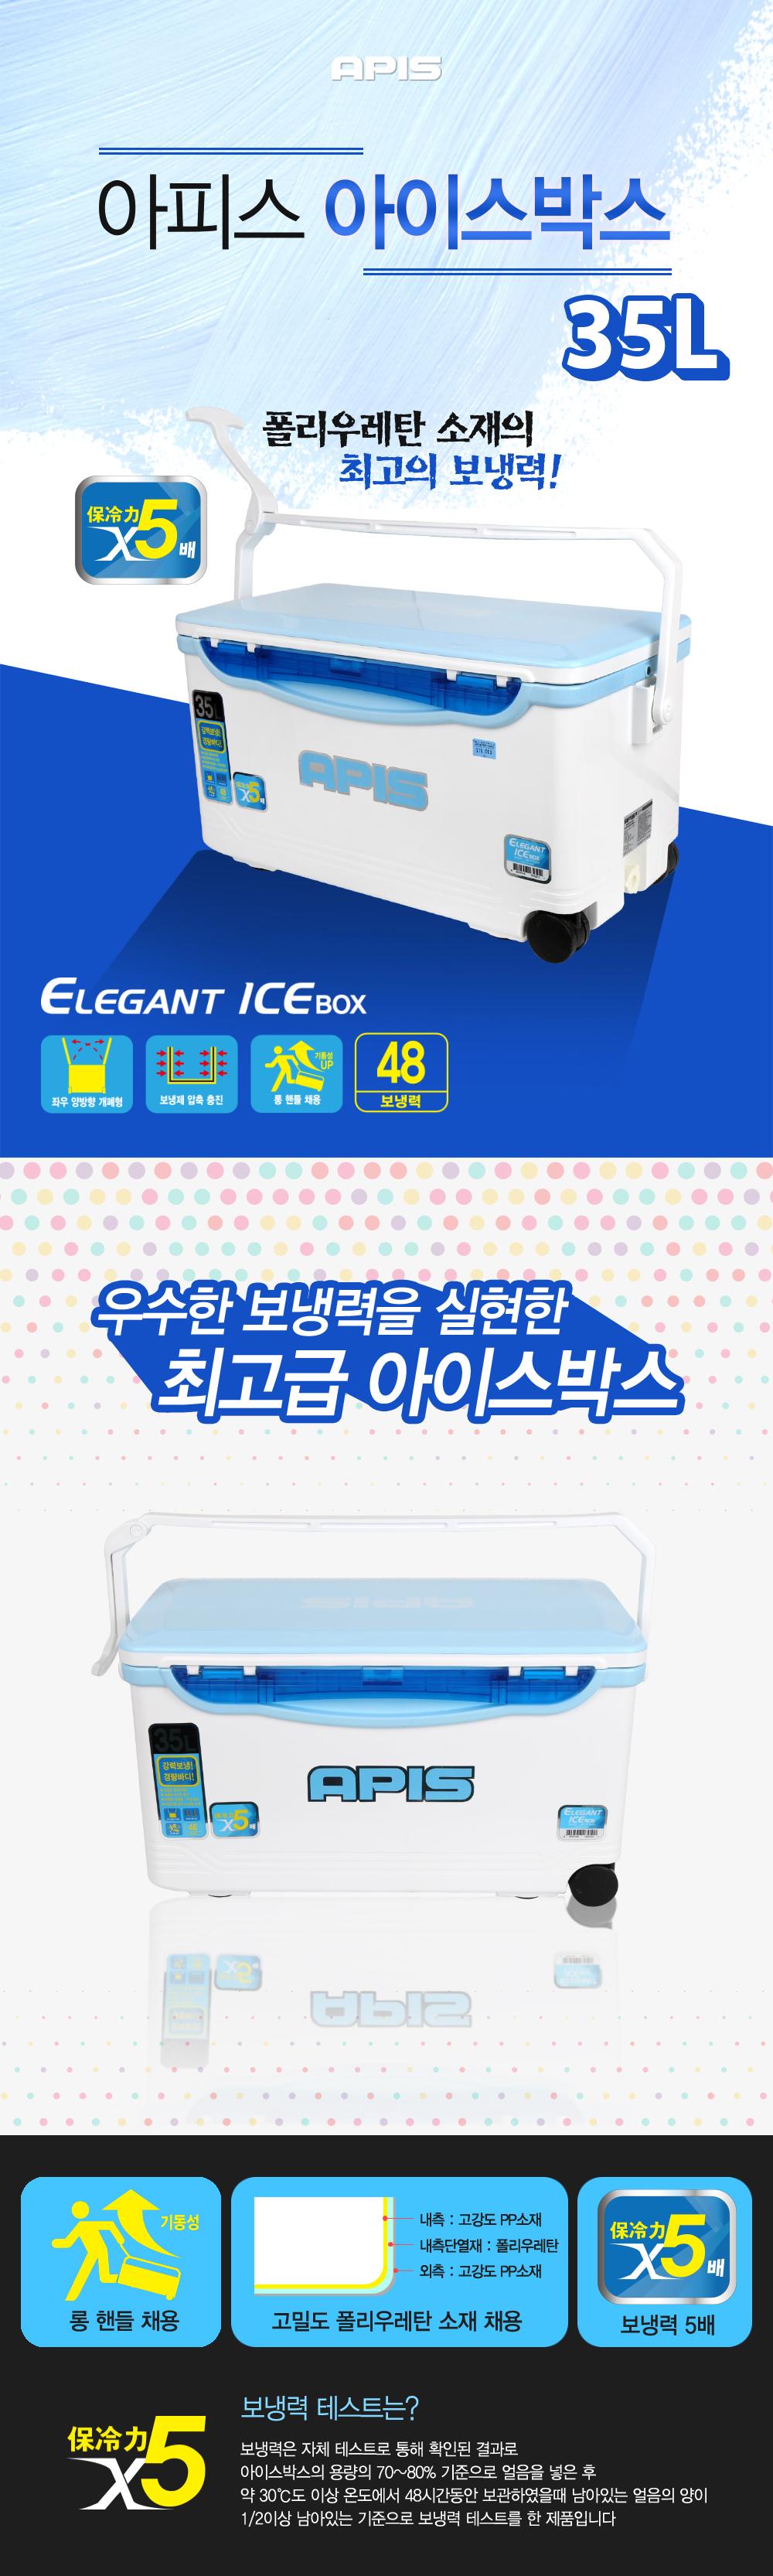 아피스 아이스박스 35L 쿨러, 쿨러박스, 아이스박스, 아이스쿨러